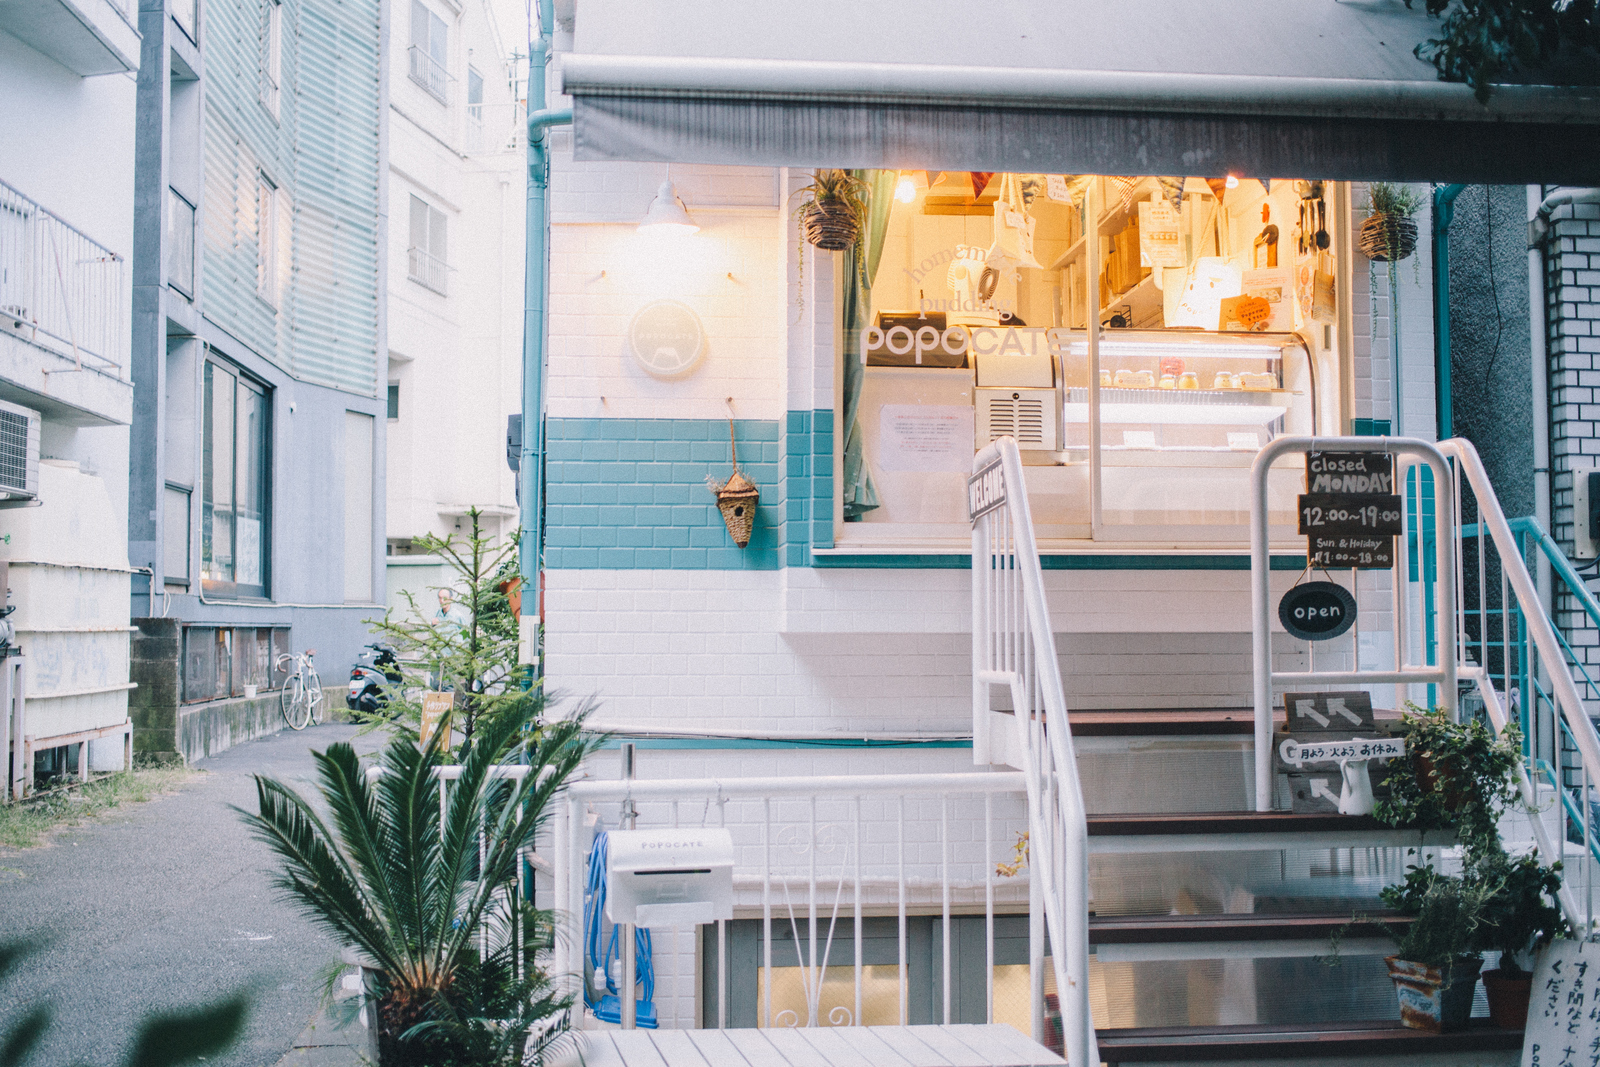 プリン好きが集ってできた、手作りプリンの専門店「POPOCATE」 ベンチ